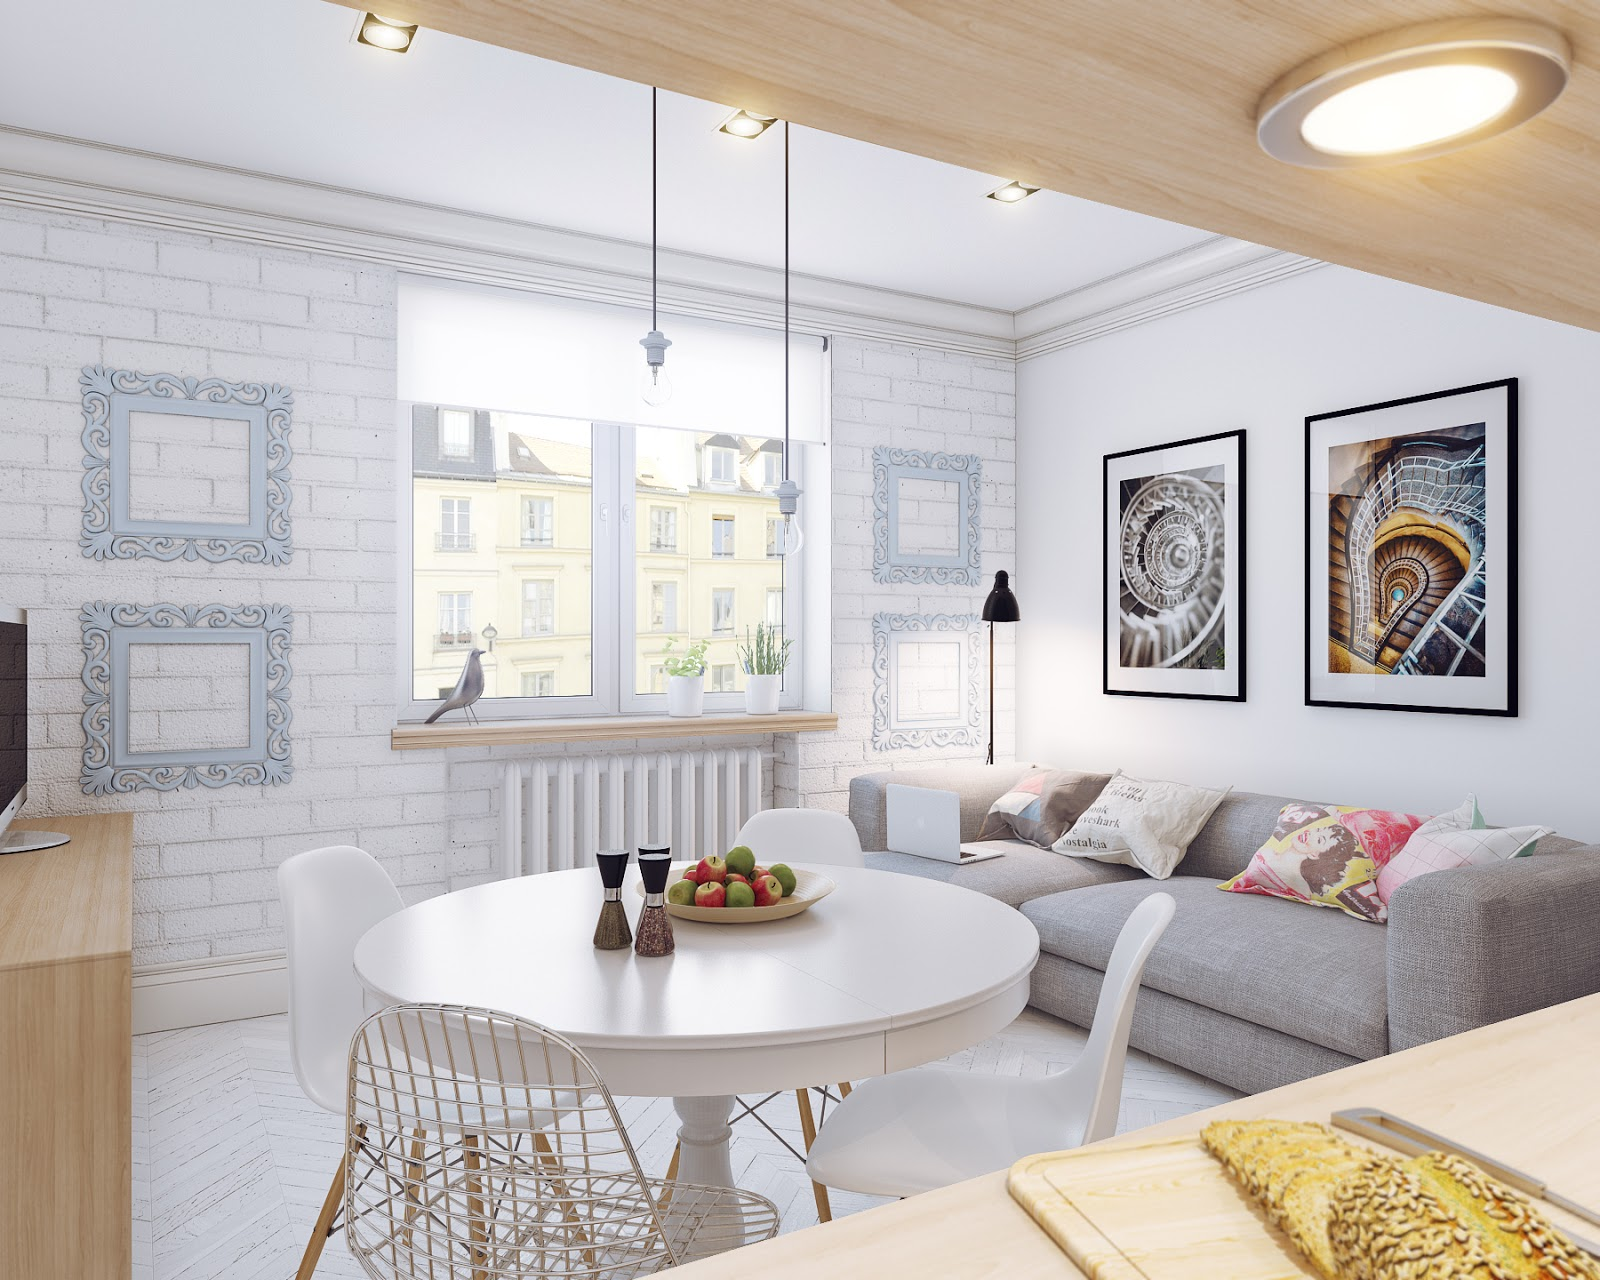 Гостиная интерьер в скандинавском стиле